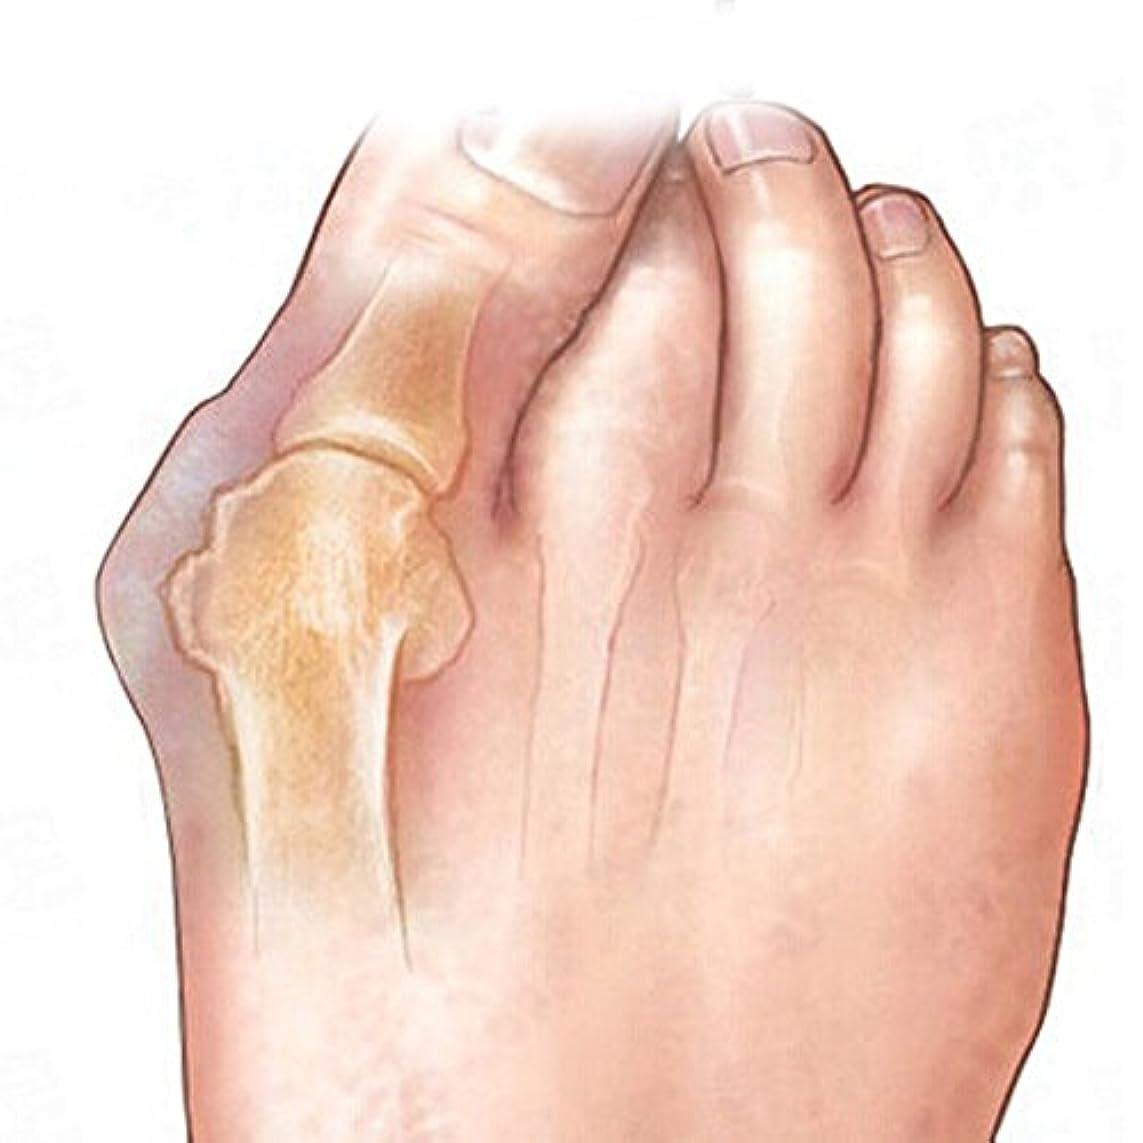 応用評価する待ってLorny(TM) 2個フットペディキュアツール足セパレータ外反母趾シリコーンフットセパレーターフィンガービッグ足骨親指外反母趾ジェルガードマッサージャー